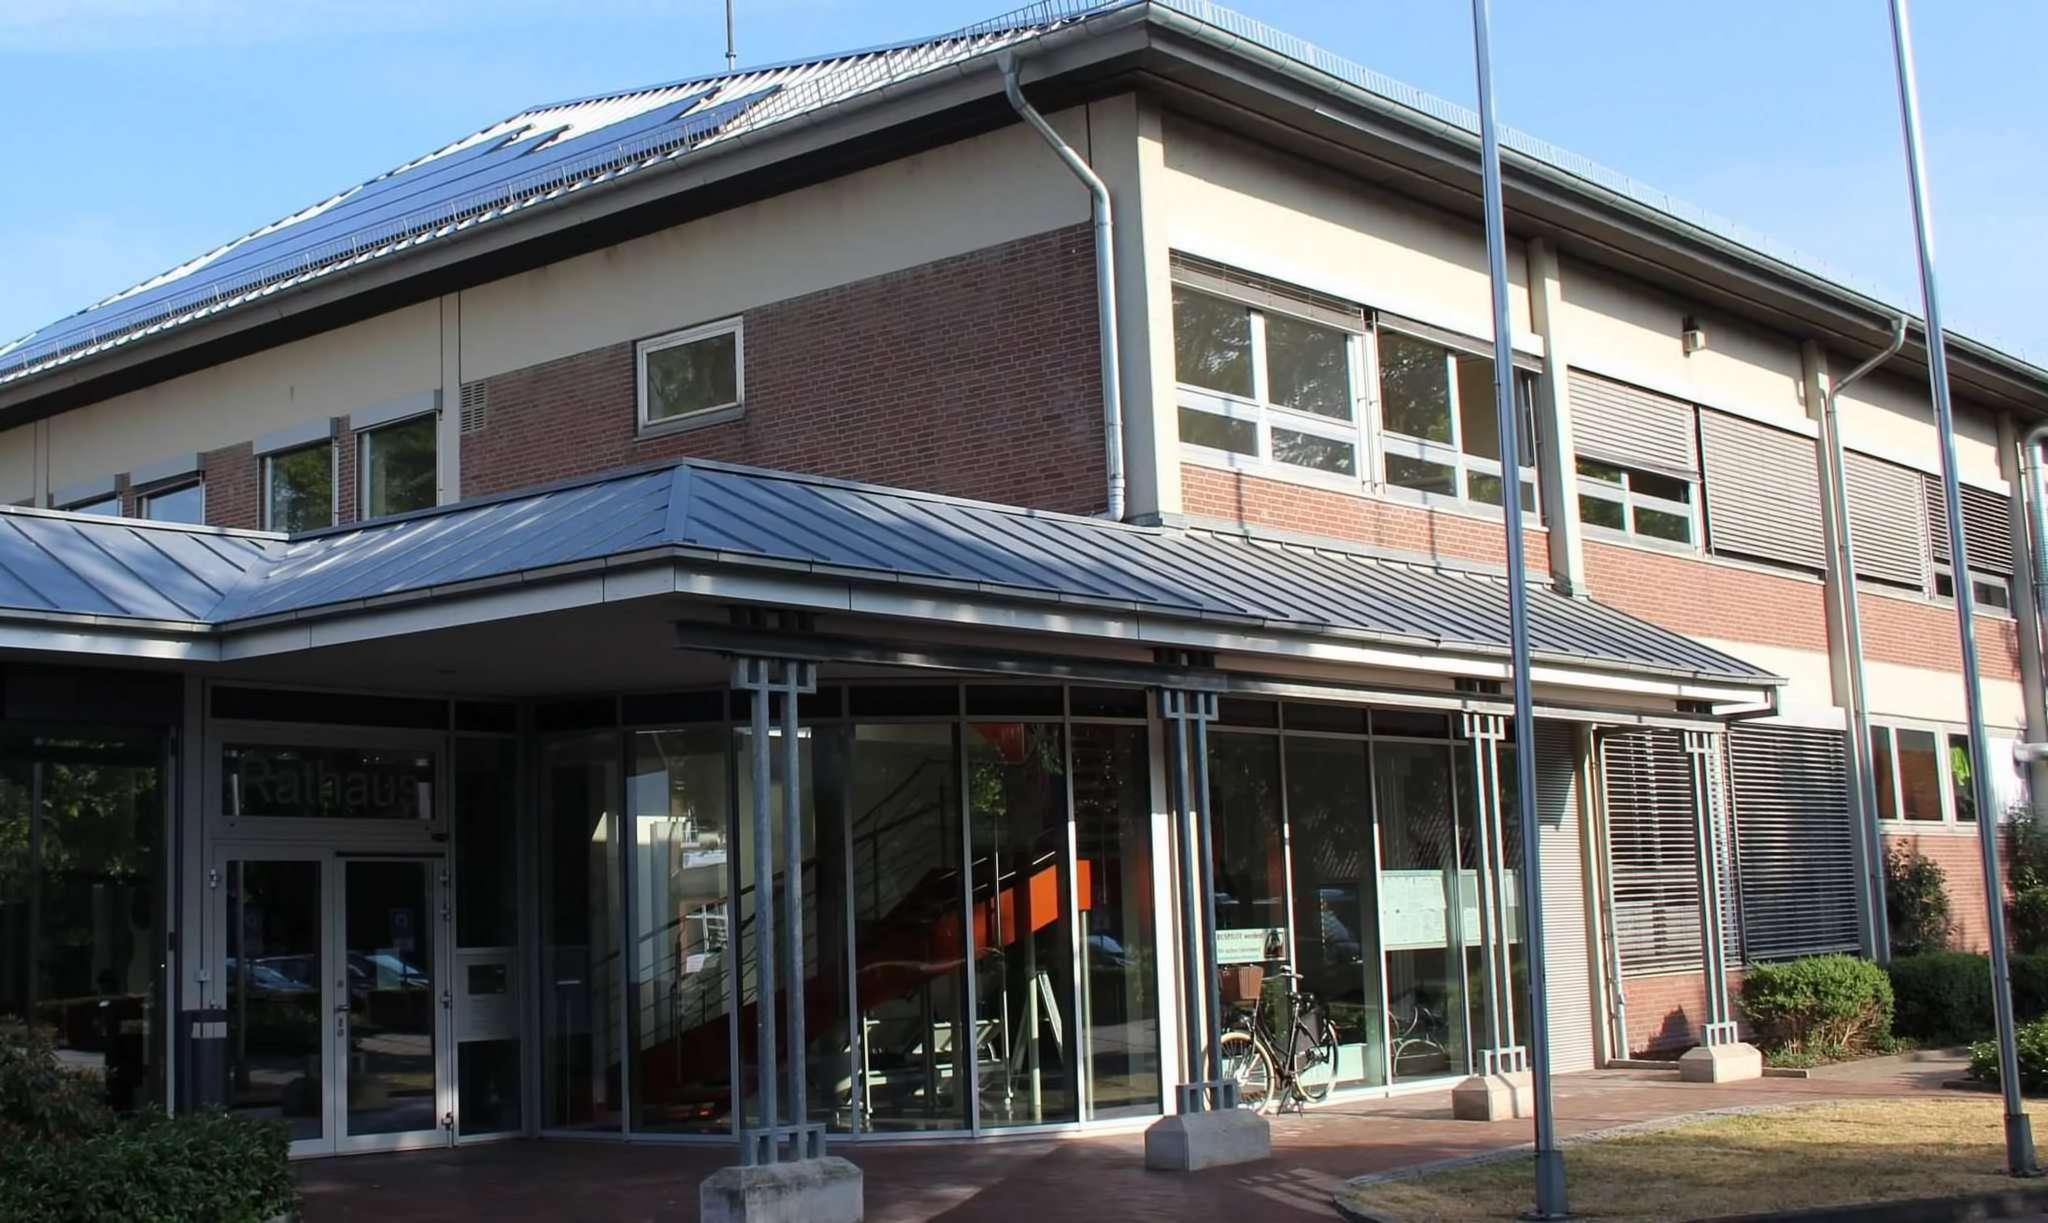 Aus dem Rathaus Ottersberg kam der Hinweis, dass sich ein Ratsmitglied mit Corona angesteckt hat.  Foto: Archiv